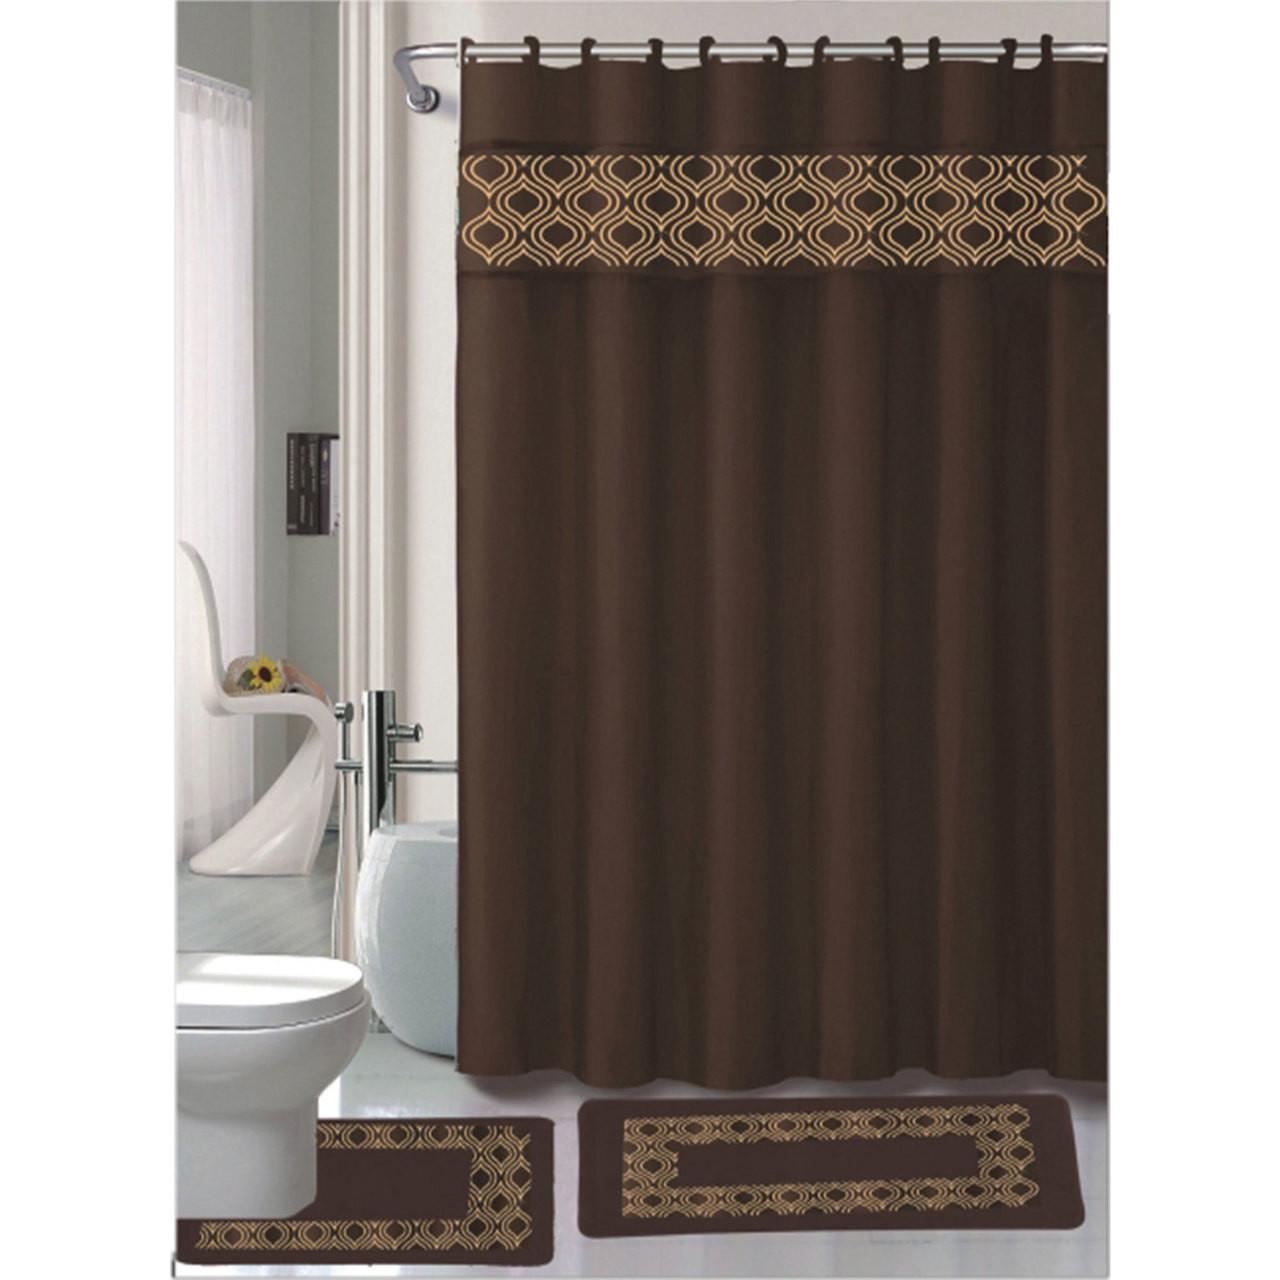 15 Pc Bathroom Accessories Set, Bath Mat, Contour Rug, Shower ...